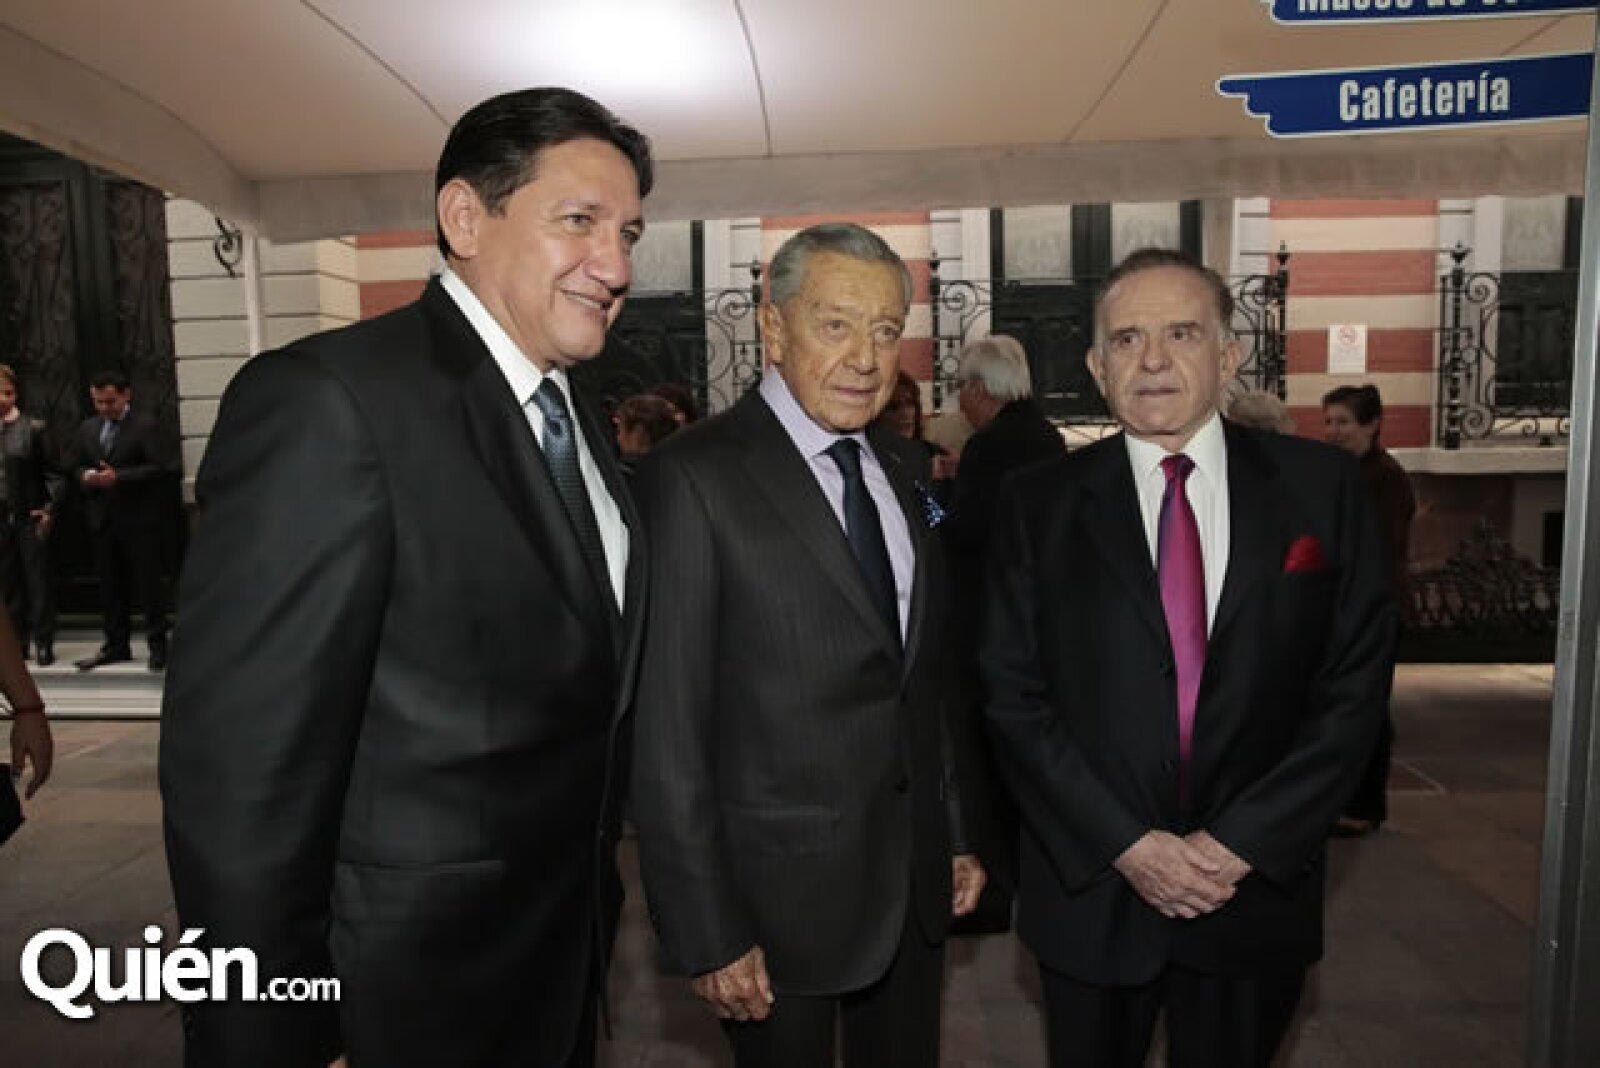 Alejandro Montano Guzmán,Miguel Alemán,Mario Rabner